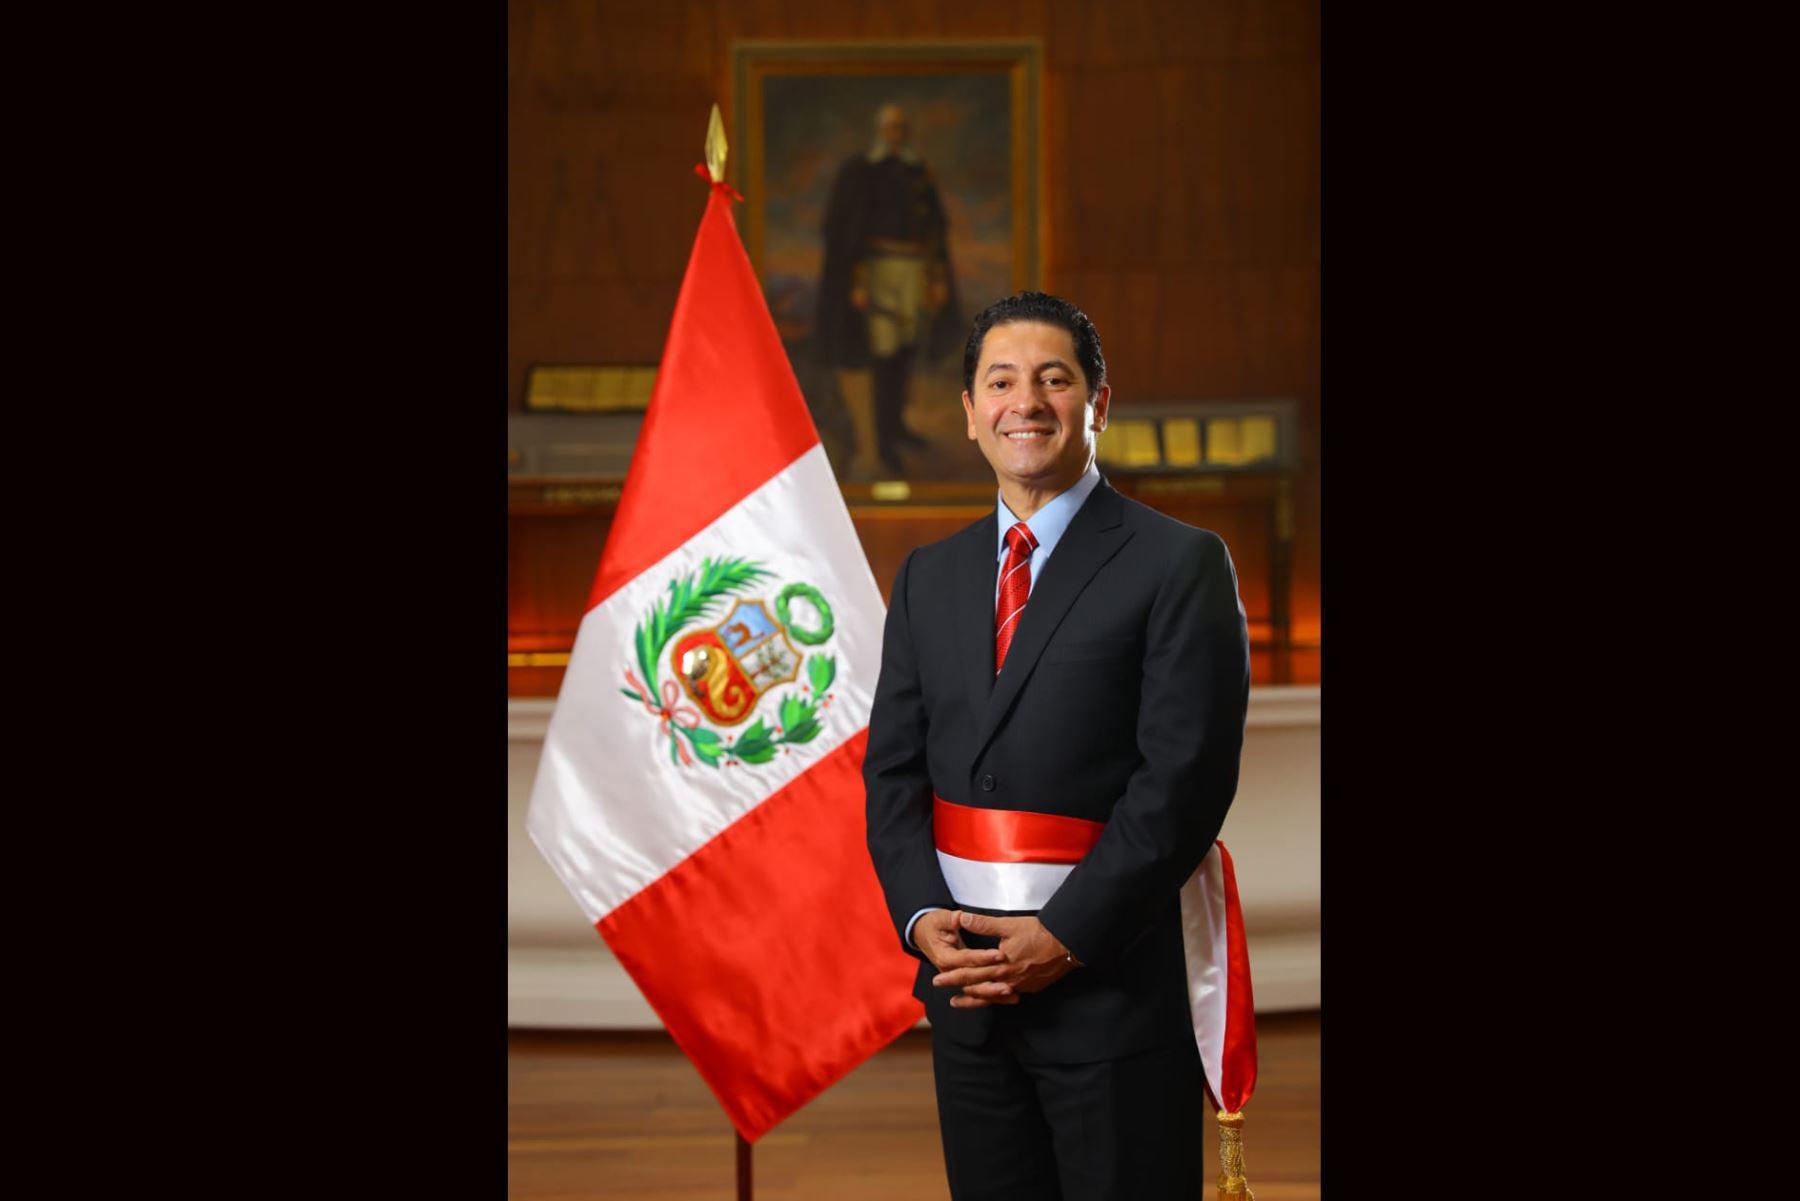 Ministerio de Justicia y Derechos Humanos Carlos Salvador Heresi Chicoma. Foto: ANDINA/ Prensa Presidencia